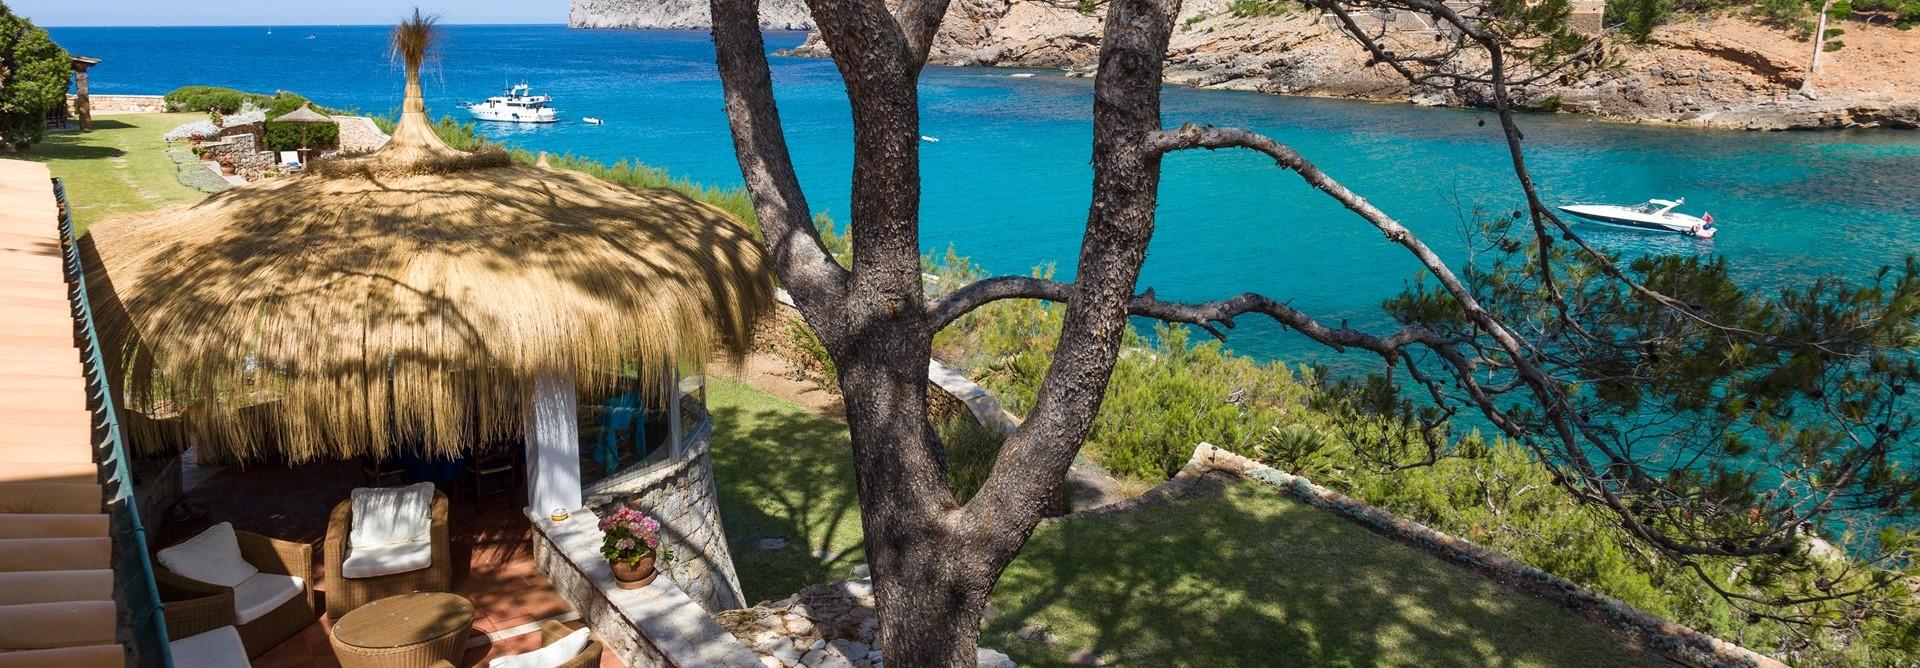 luxury-sea-view-villa-mallorca